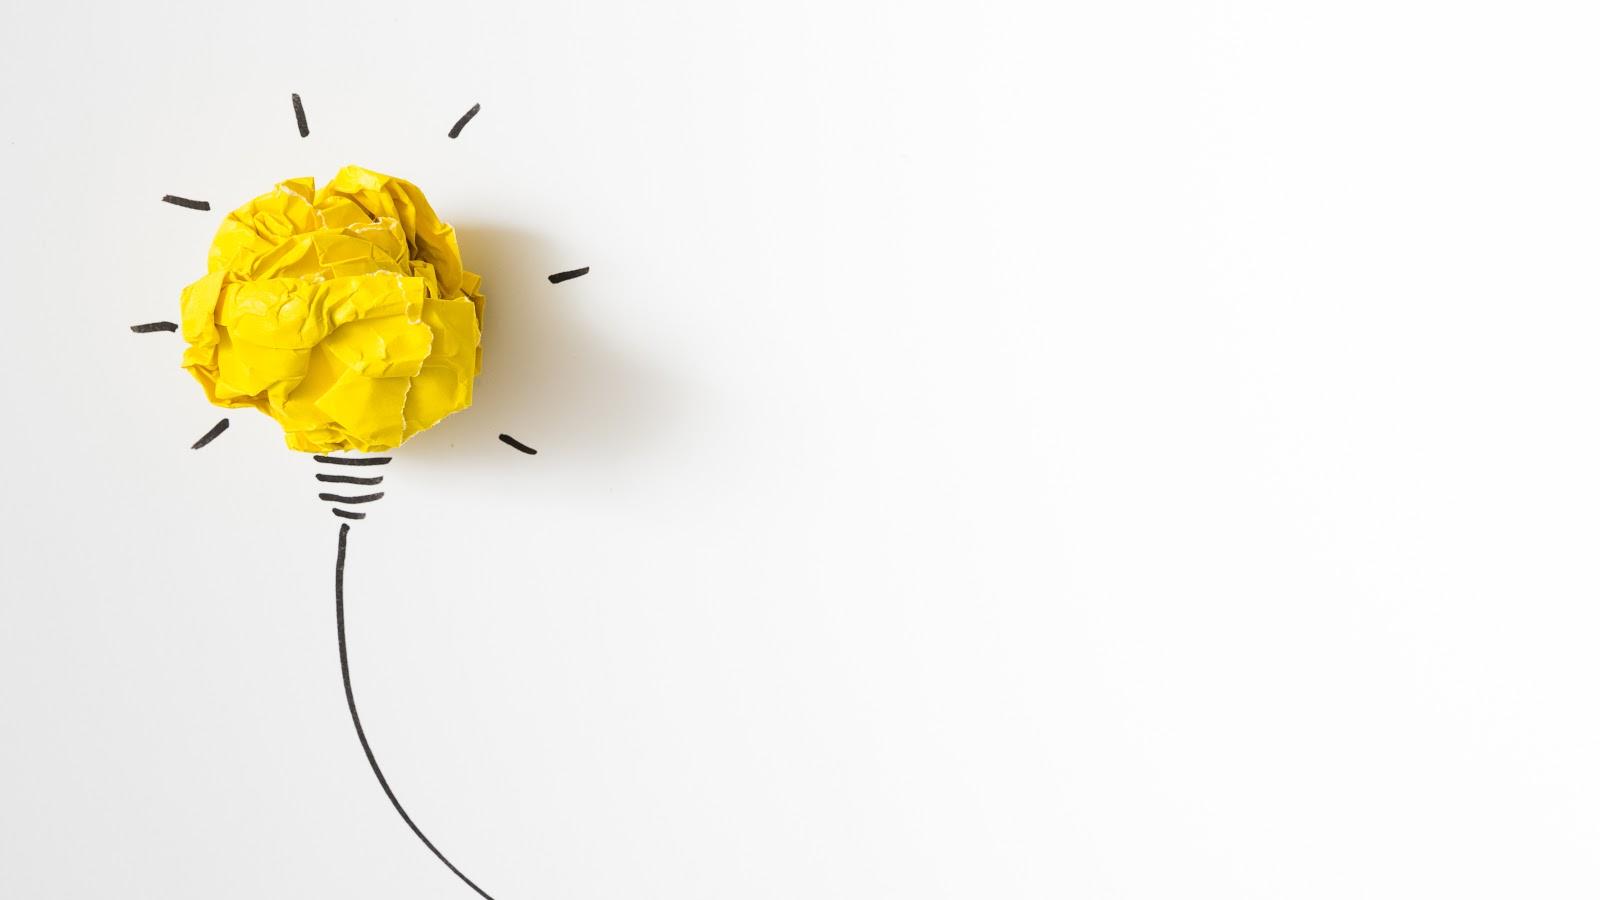 Dicas para incentivar sua criatividade